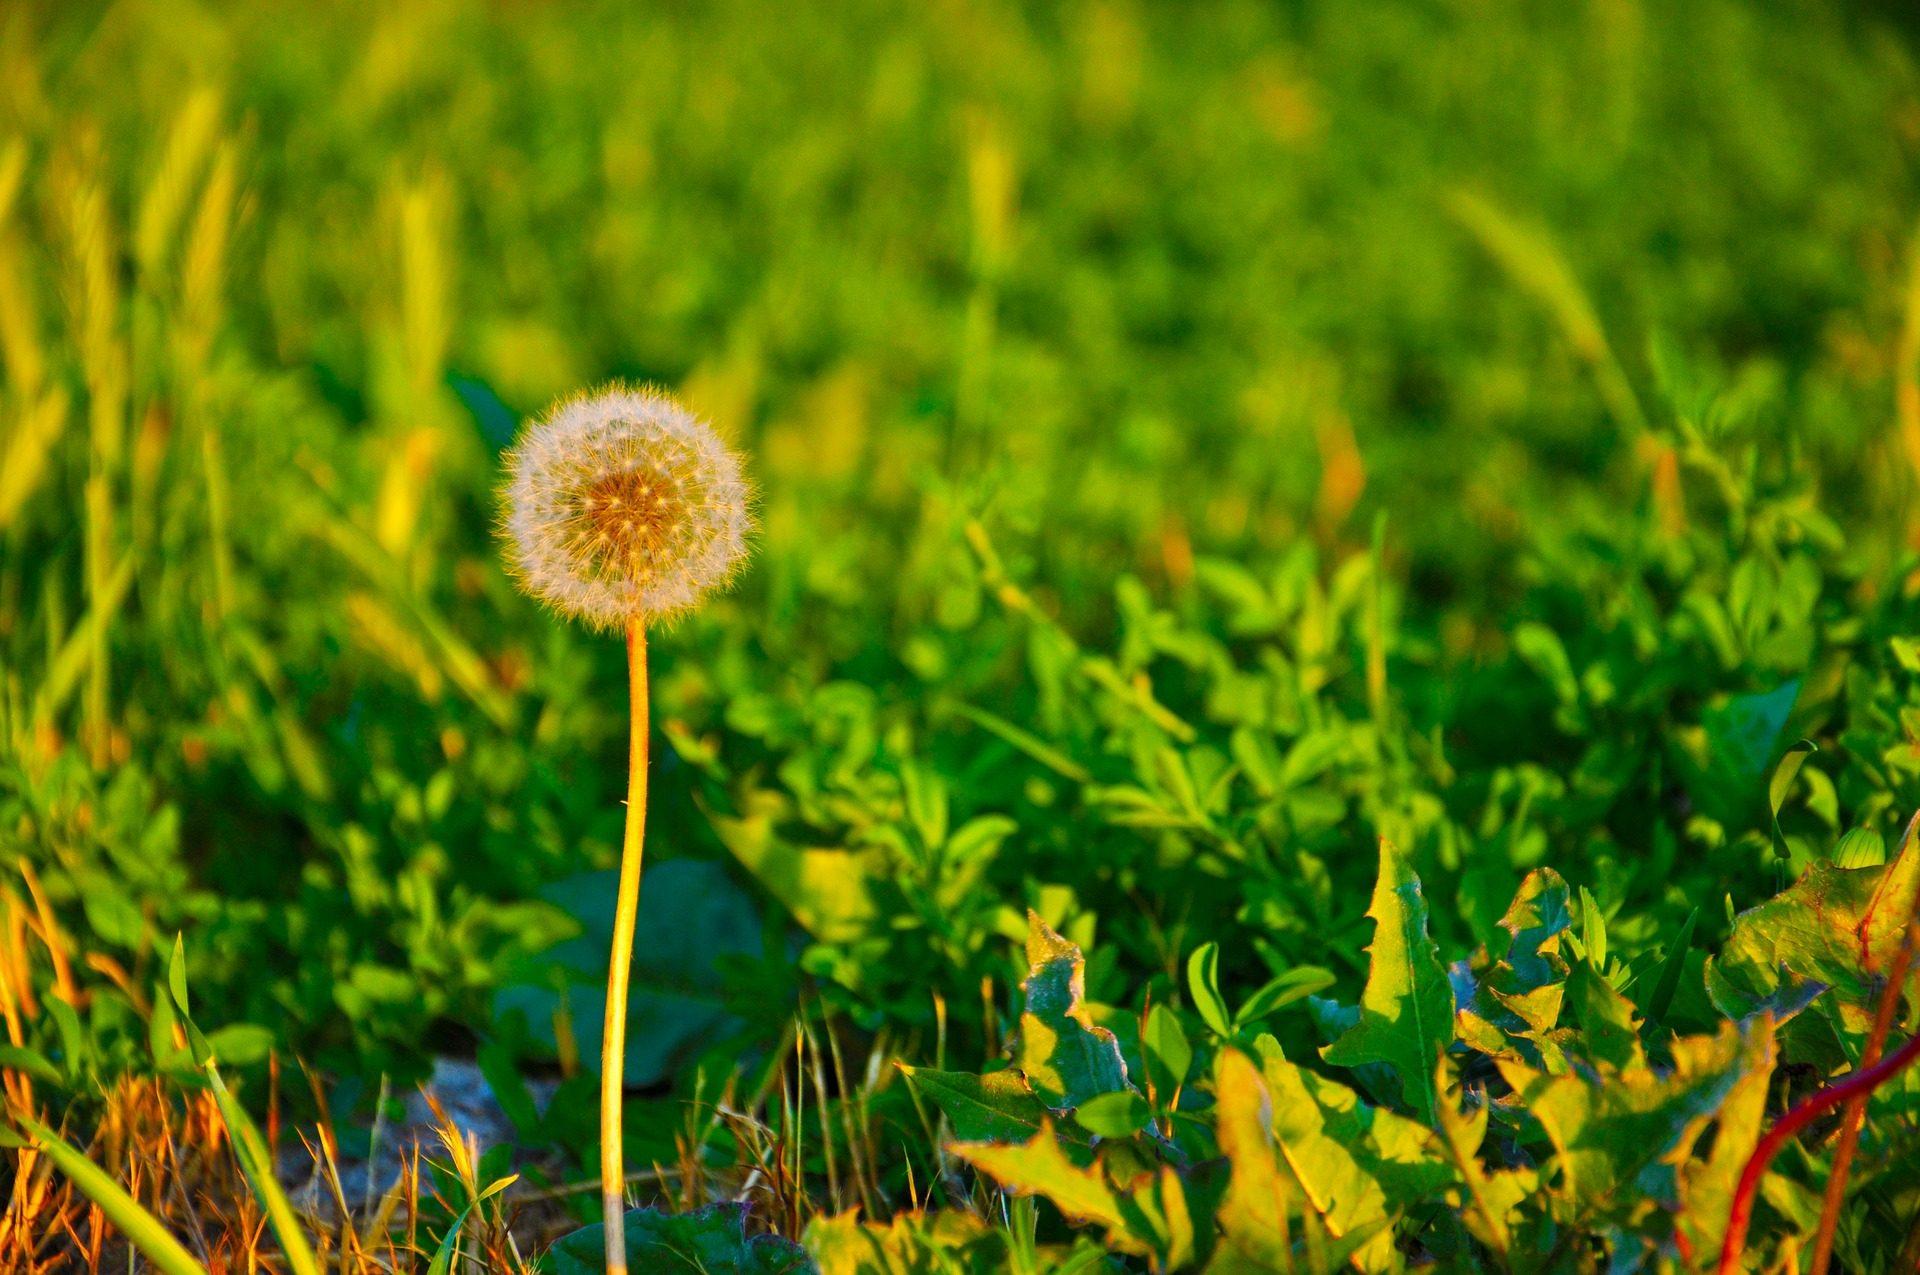 Πικραλίδα, ισόγειο, λουλούδι, πεδίο, γρασίδι, στέλεχος - Wallpapers HD - Professor-falken.com